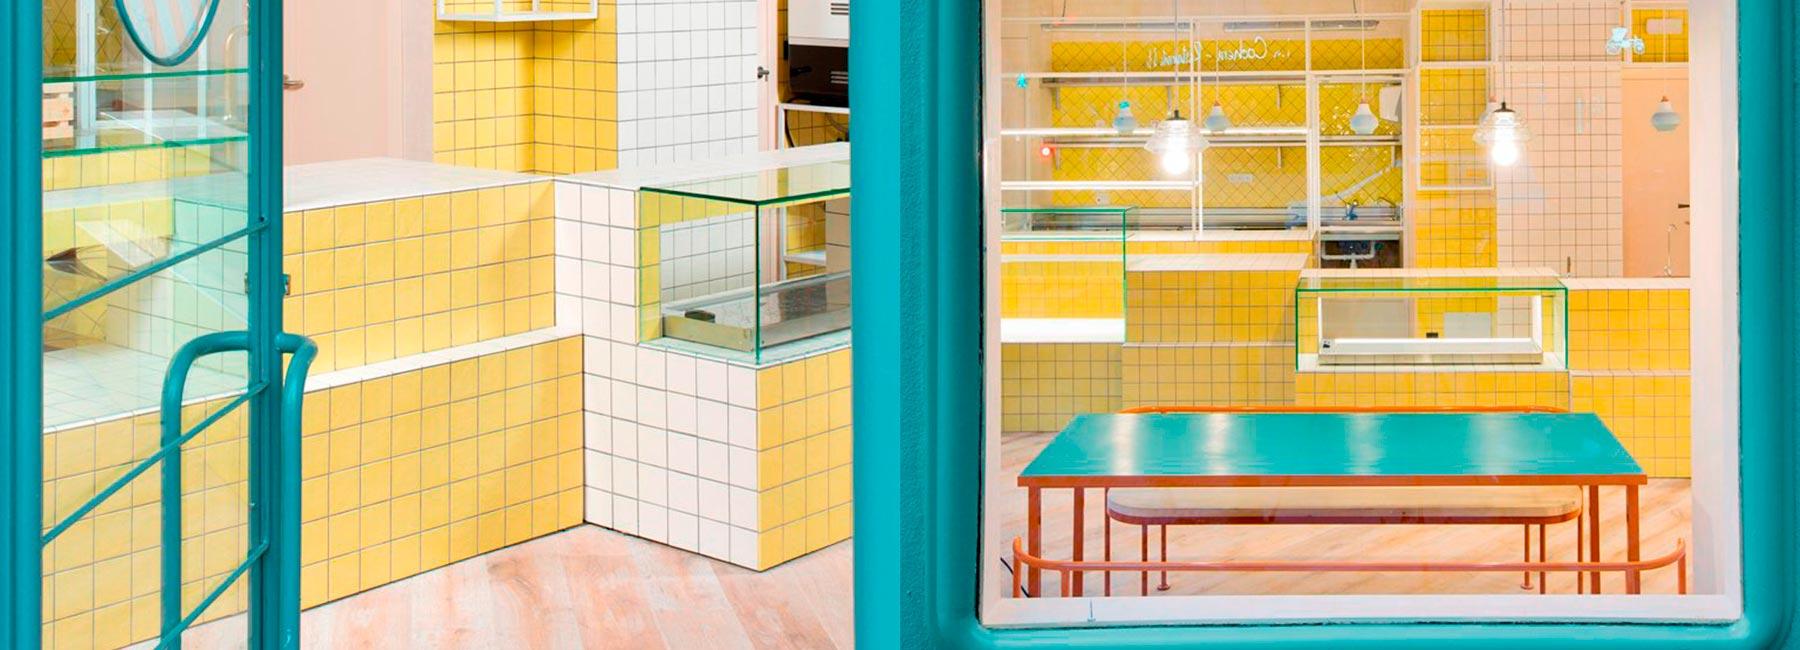 Дизайн интерьера кафе в лимонных оттенках Juana Limón в Мадриде